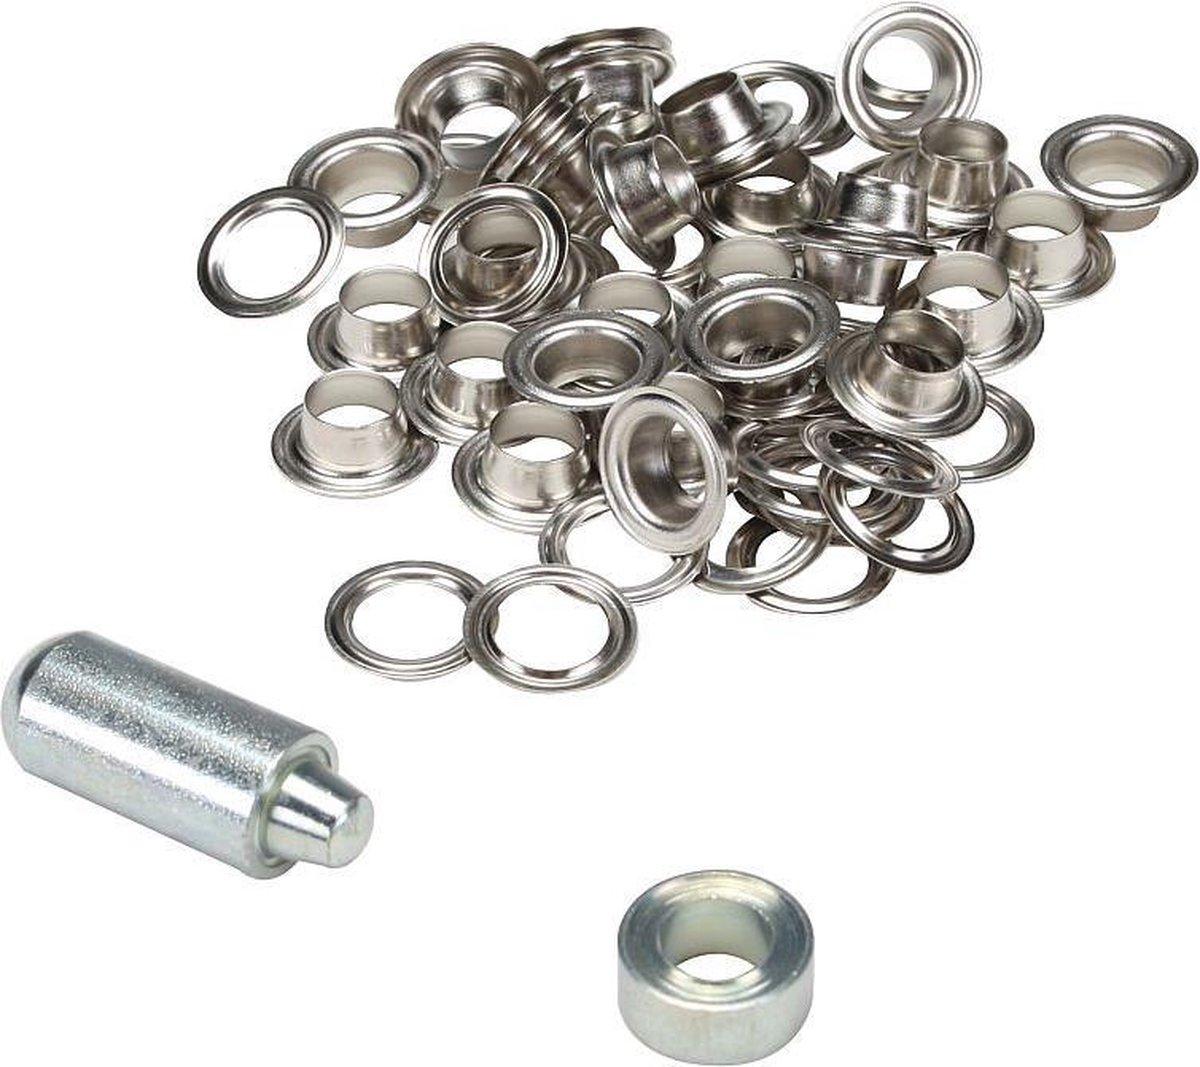 ESVO   10 mm zeilringen - 25 ringen - messing vernikkeld - 1 stempel